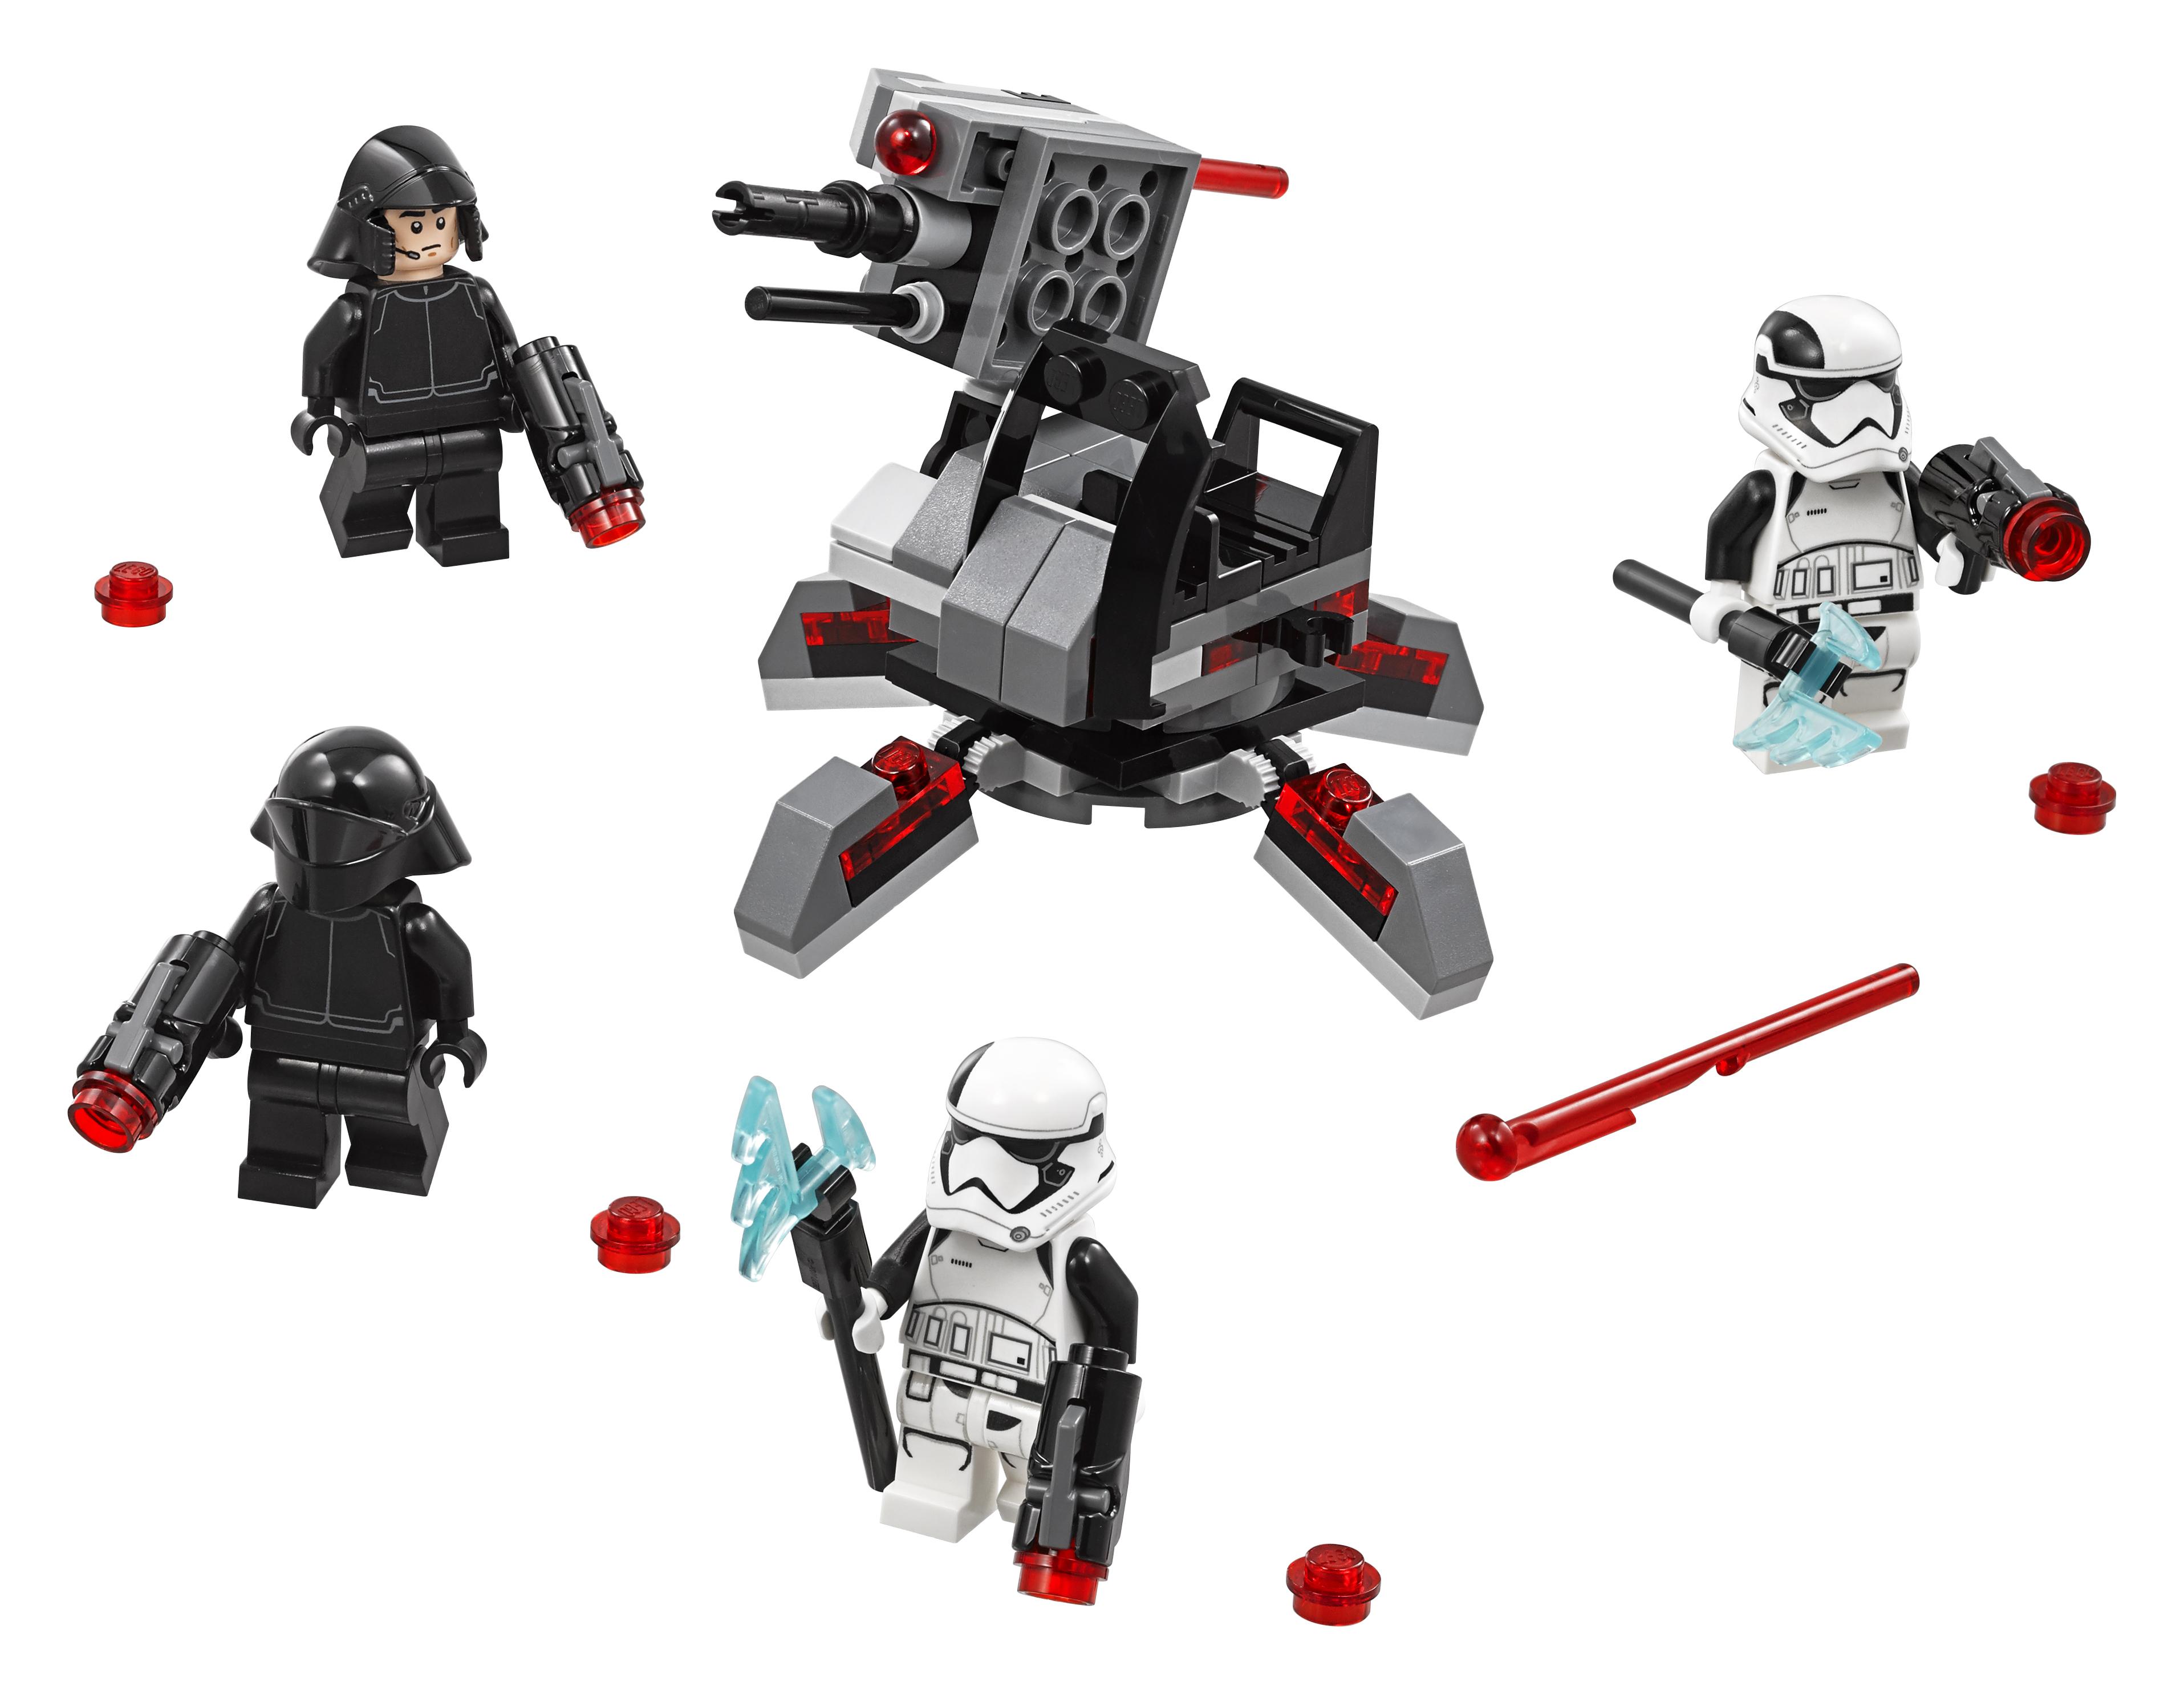 Конструктор LEGO 75197 Боевой набор специалистов Первого Ордена конструктор lego star wars боевой набор повстанцев 75164